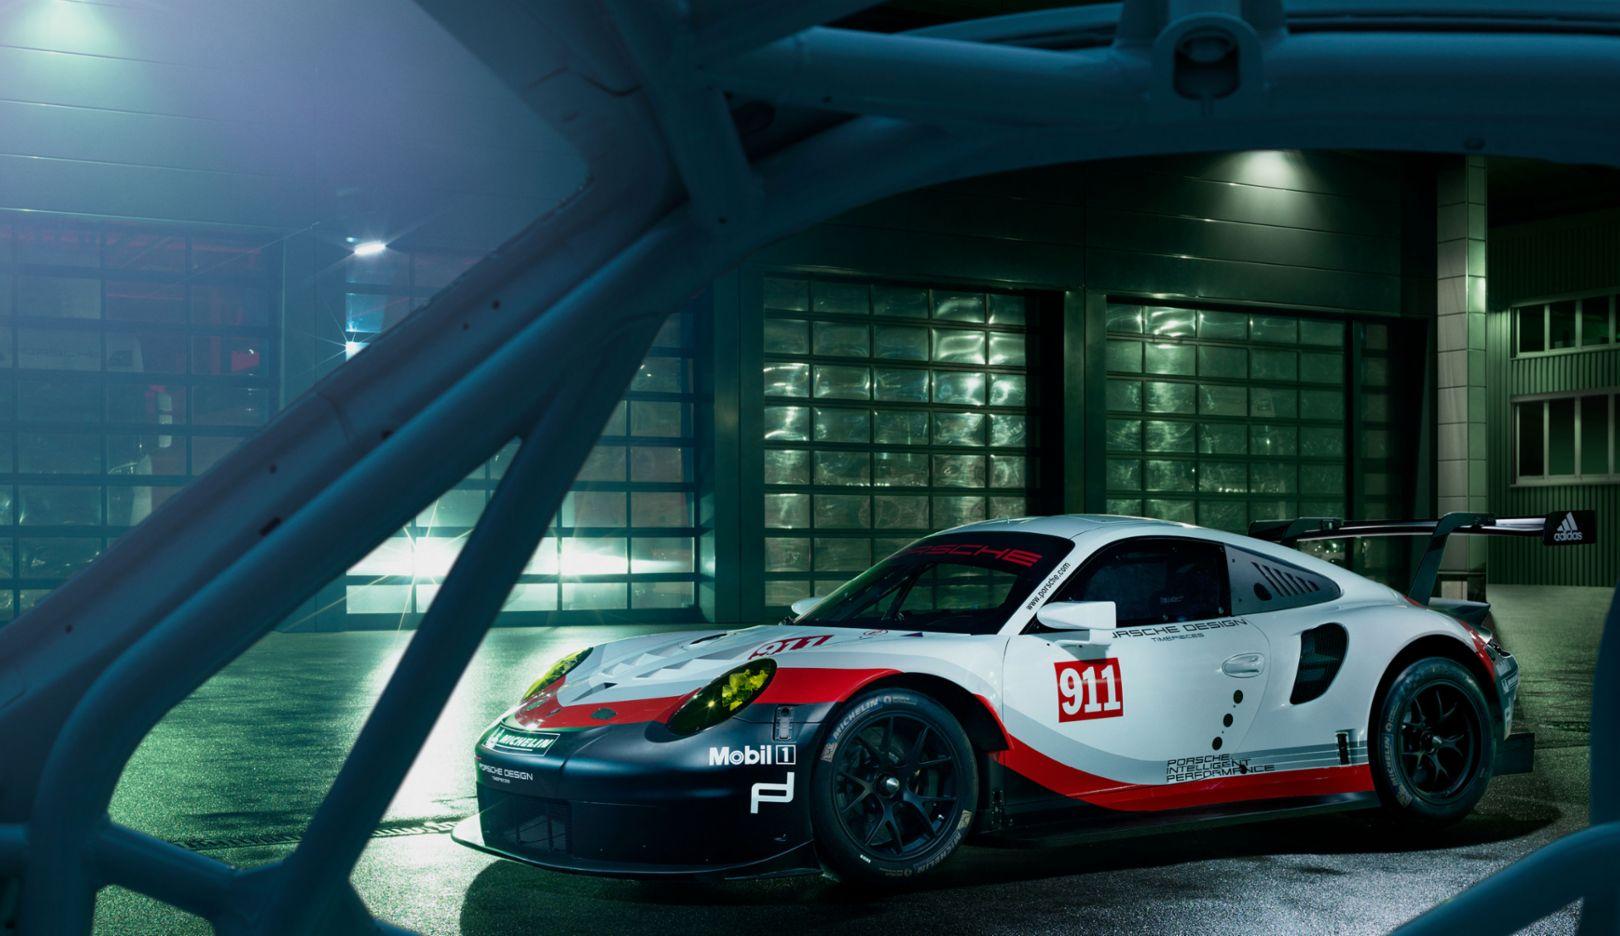 911 RSR, Porsche calender 2018, Porsche AG